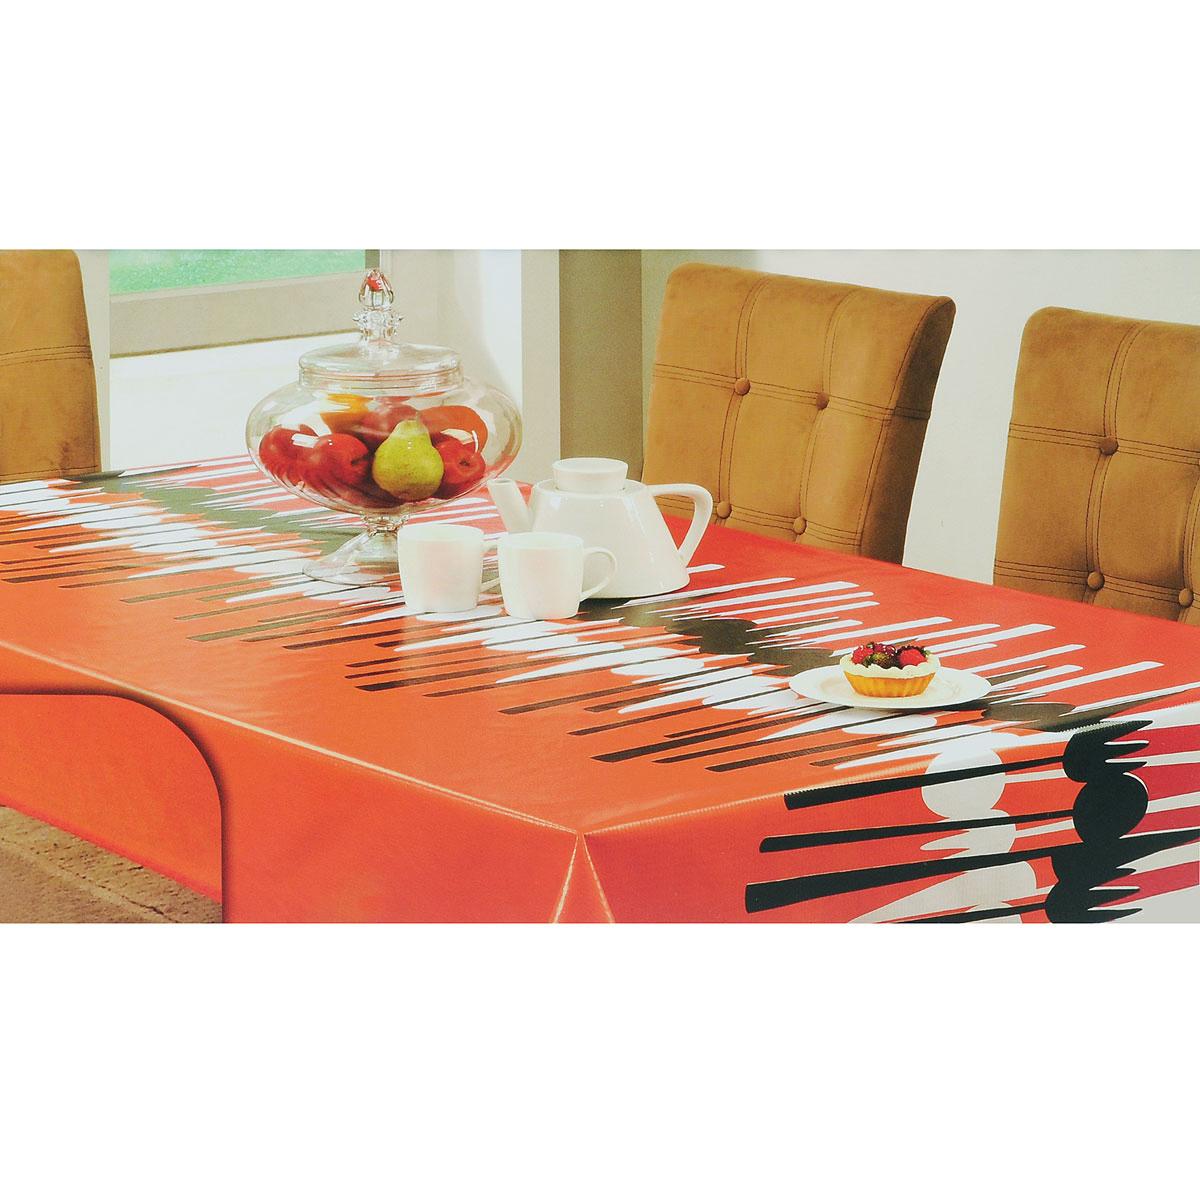 Скатерть White Fox Осень, квадратная, цвет: красный, оранжевый, 152x 152 см1004900000360Квадратная скатерть White Fox Осень, выполненная из ПВХ с основой из флиса, предназначена для защиты стола от царапин, пятен и крошек. Край скатерти обработан тканью. Скатерть оформлена изображением столовых приборов, а рифлёная поверхность скатерти формирует приятные тактильные ощущения, при этом частички пищи удаляются с легкостью и поверхность остается всегда чистой. Скатерть термостойкая, выдерживает температуру до +70 °C.Скатерть White Fox проста в уходе - её можно протирать любыми моющими средствами при необходимости.Скатерть упакована в виниловый пакет с внутренним цветным вкладышем и подвесом в виде крючка.